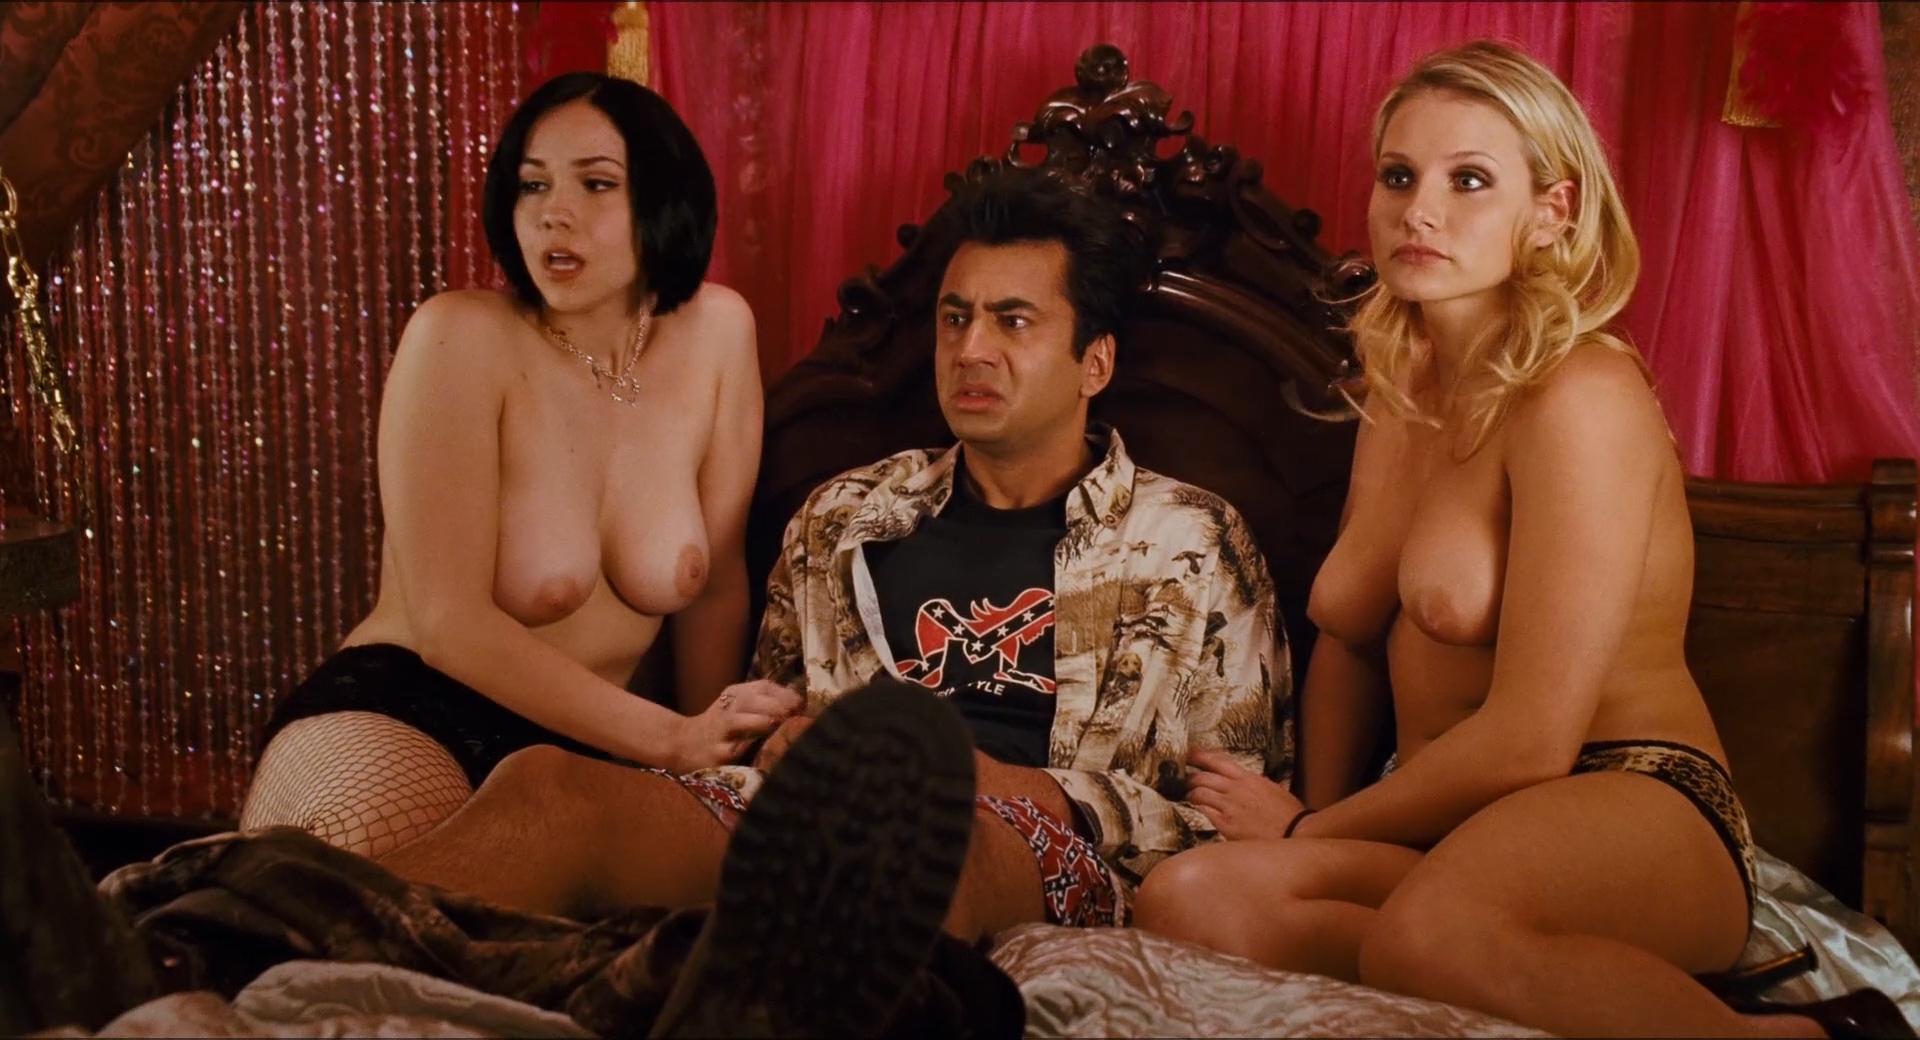 Harold and kumar nude scenes